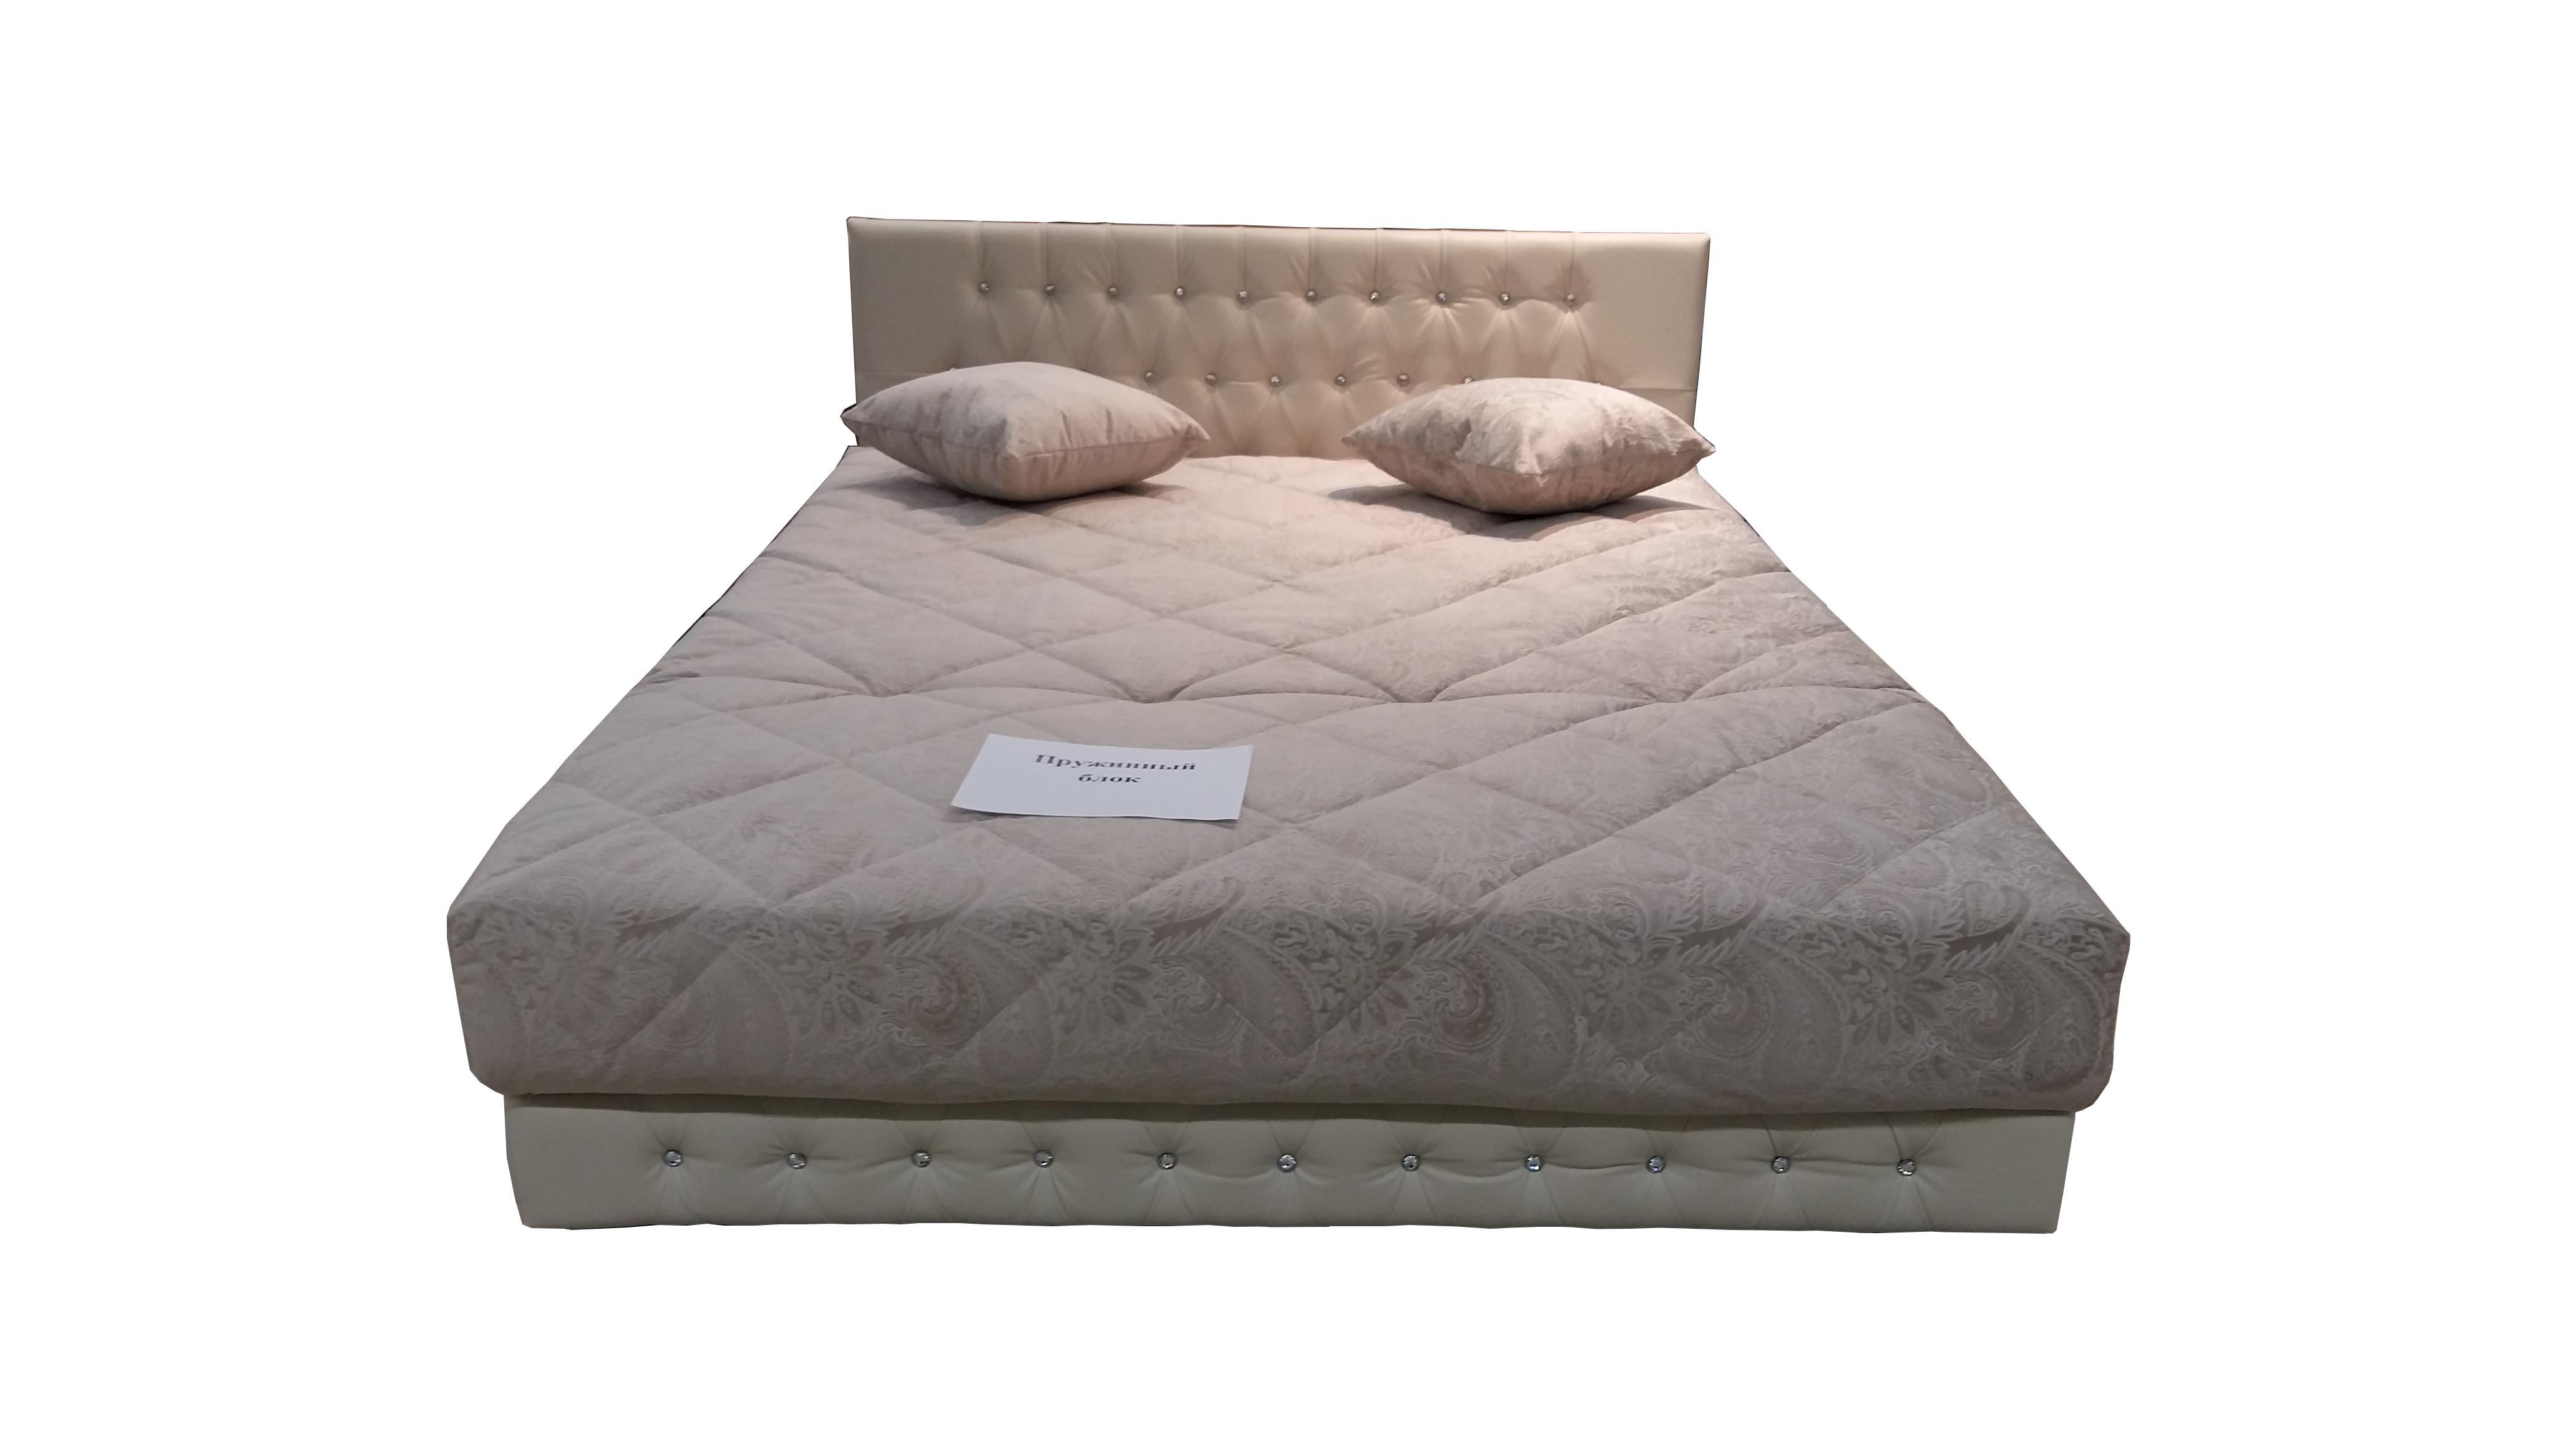 мебельная фабрика гранд мебель г барнаул диван кровать паула с